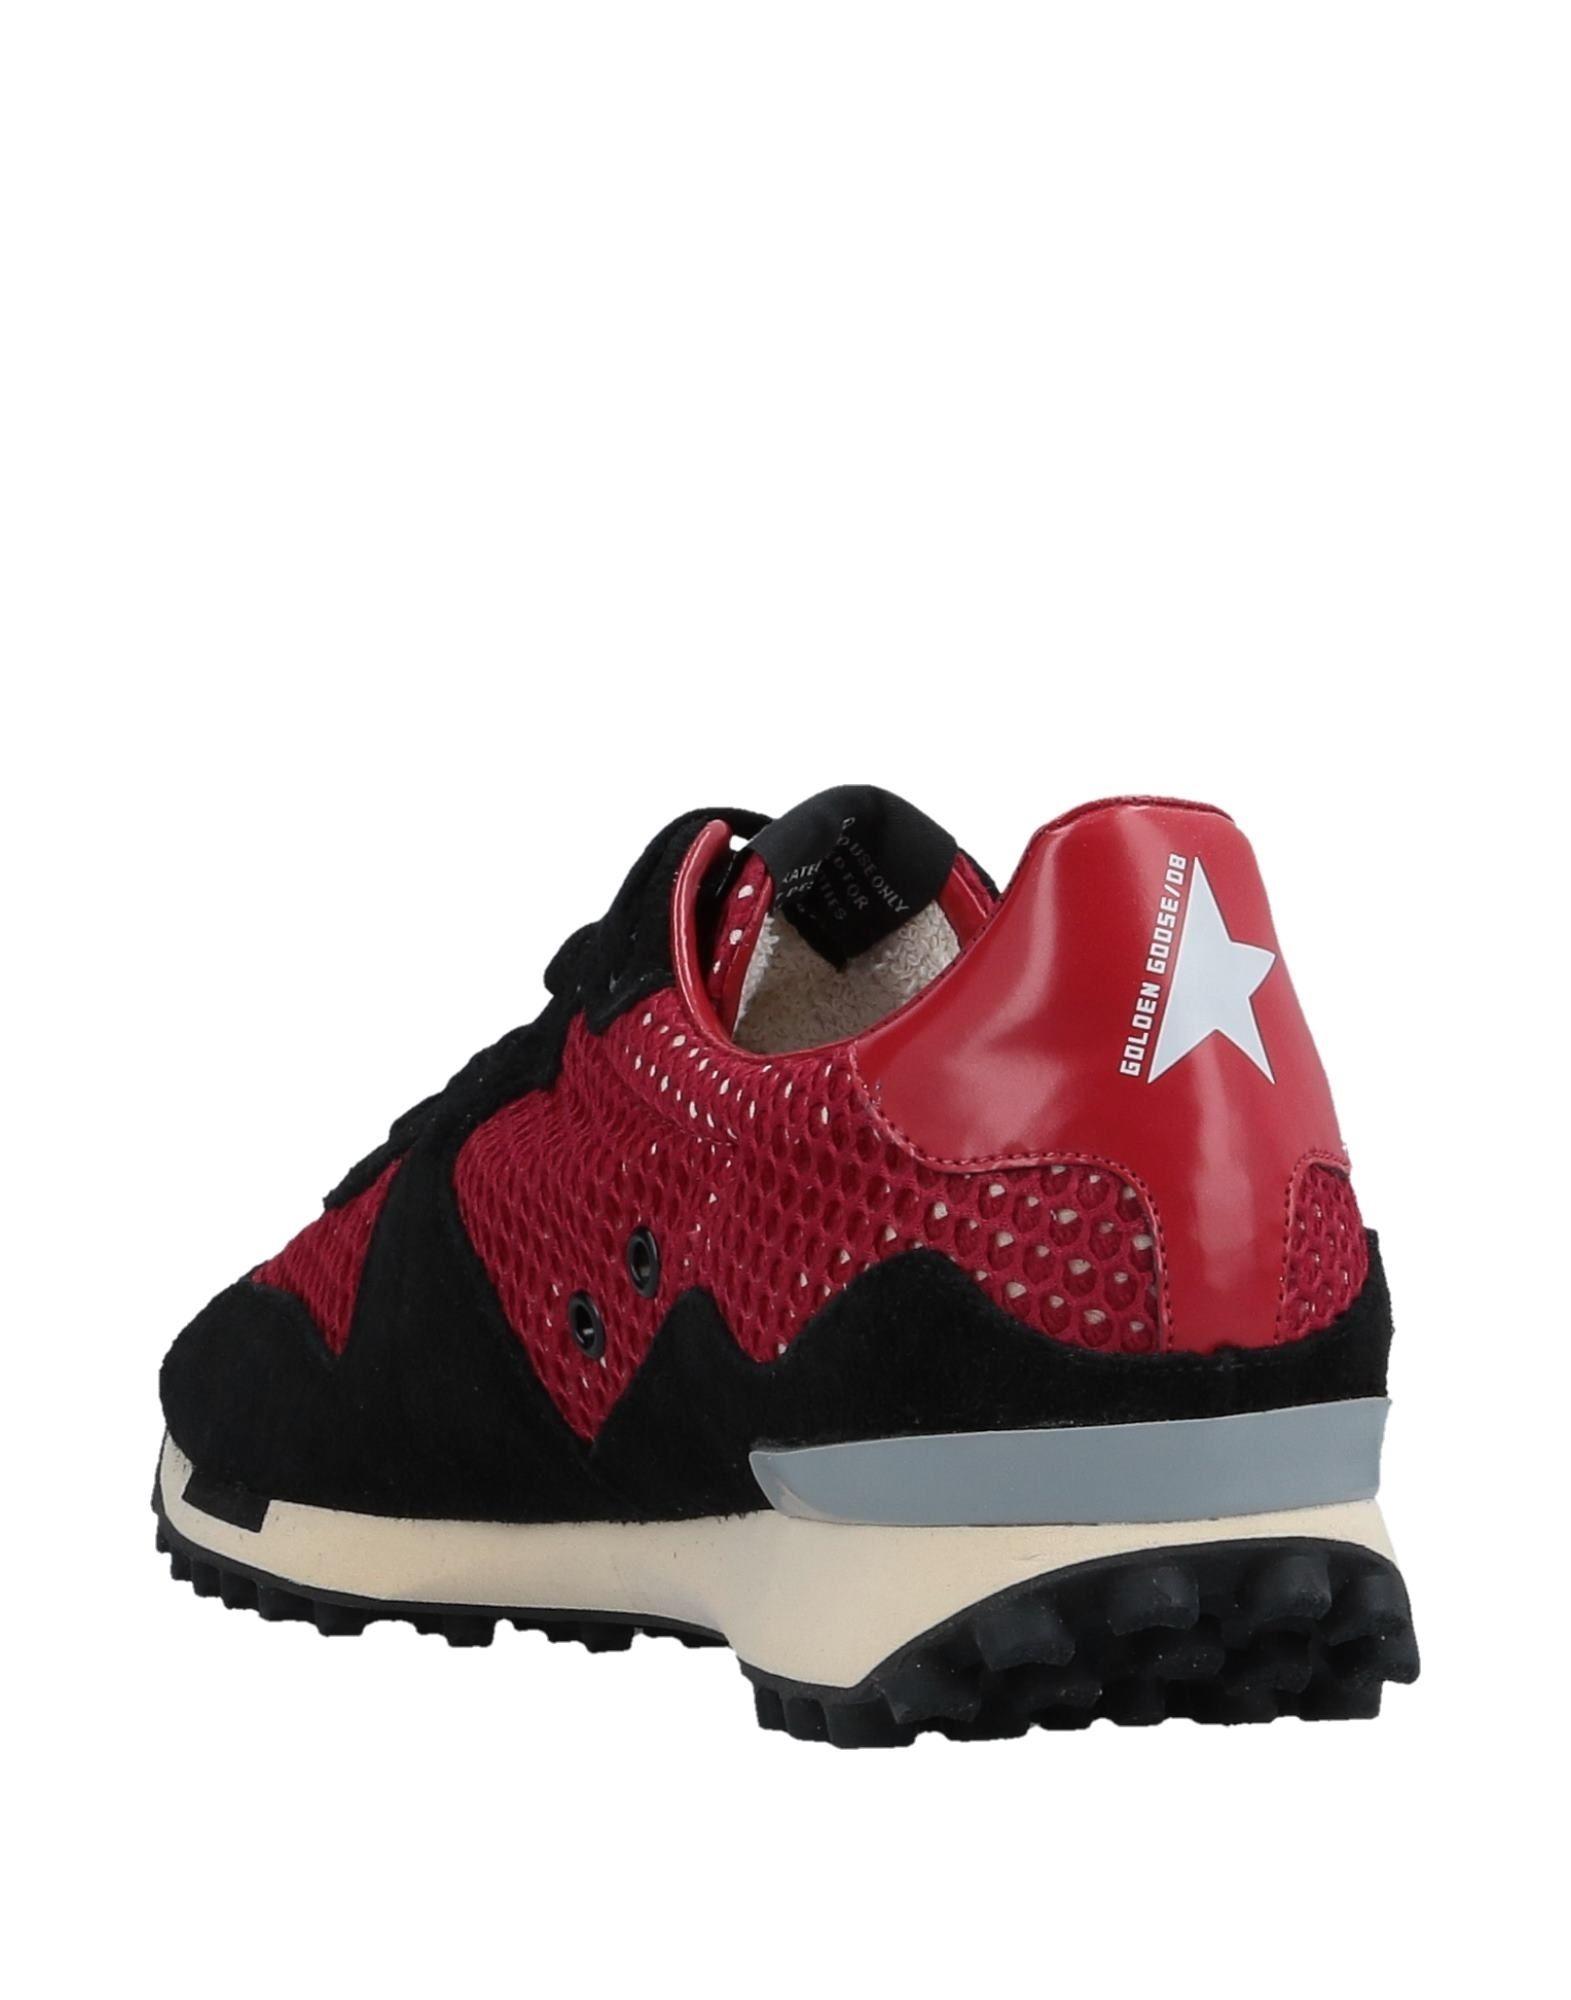 Golden Goose Deluxe Brand Sneakers 11509949NP Herren  11509949NP Sneakers 95ea59